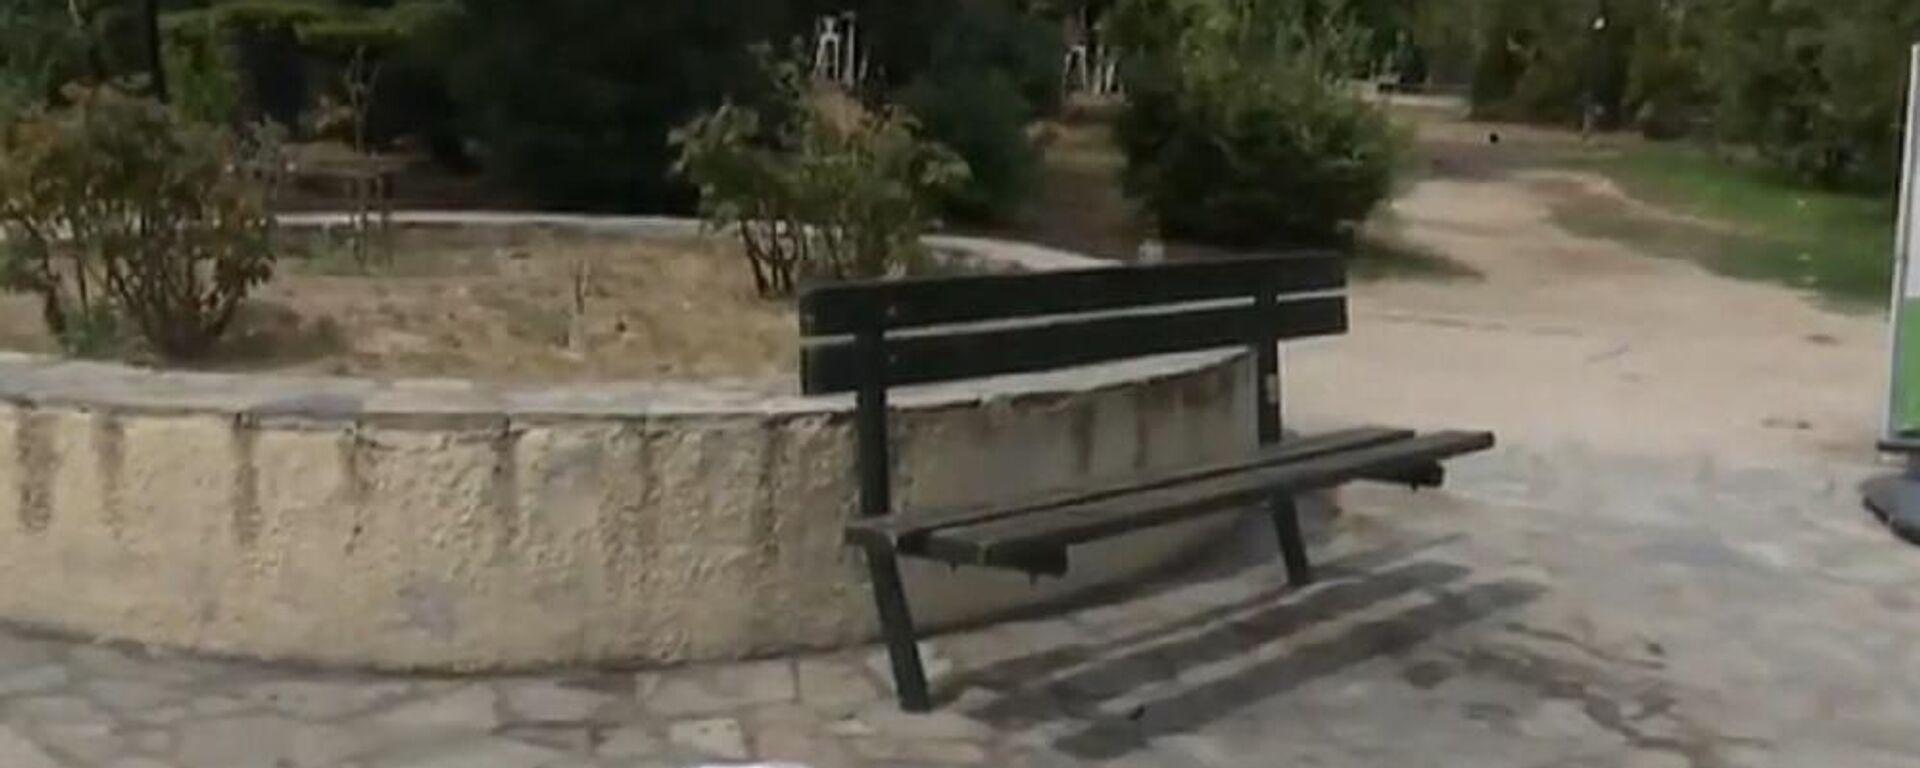 Tο σημείο της επίθεσης με καυστικό υγρό στη Νίκαια - Sputnik Ελλάδα, 1920, 13.09.2021